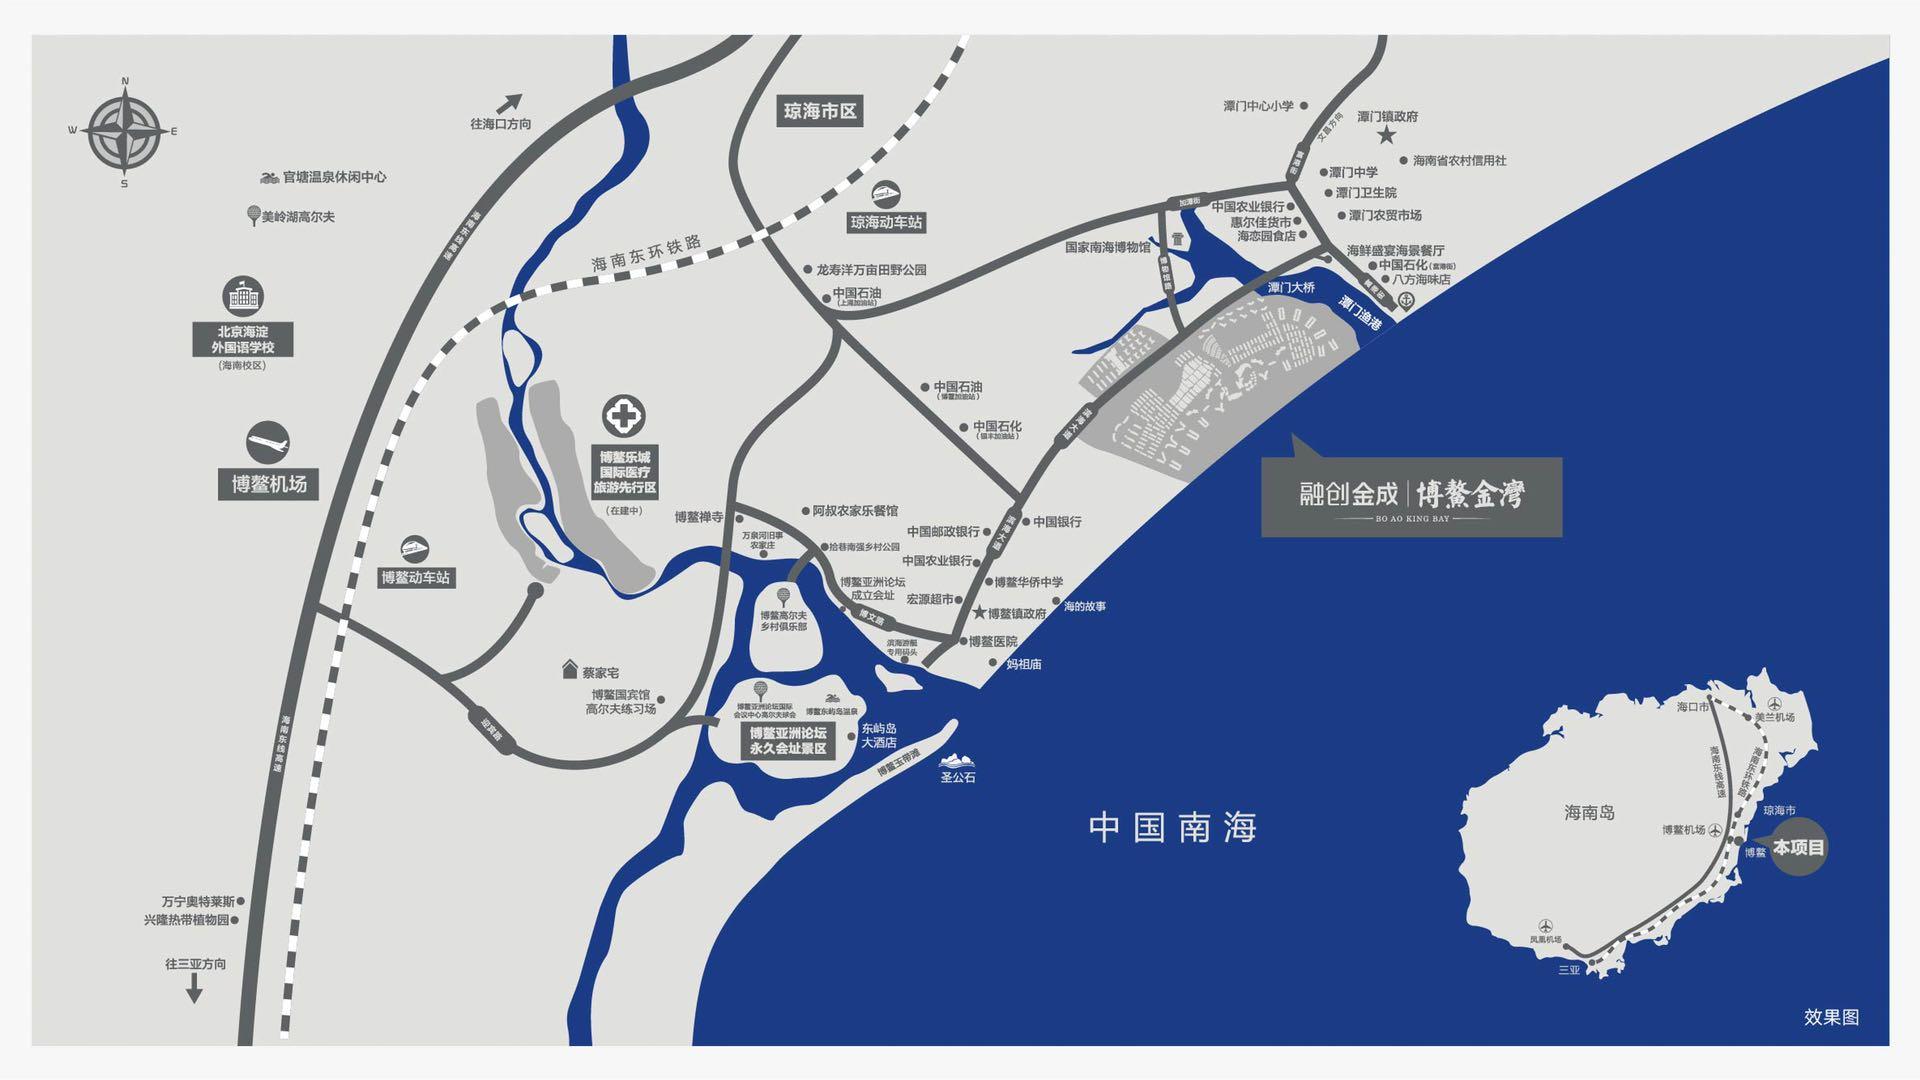 融创金成博鳌金湾项目区位图